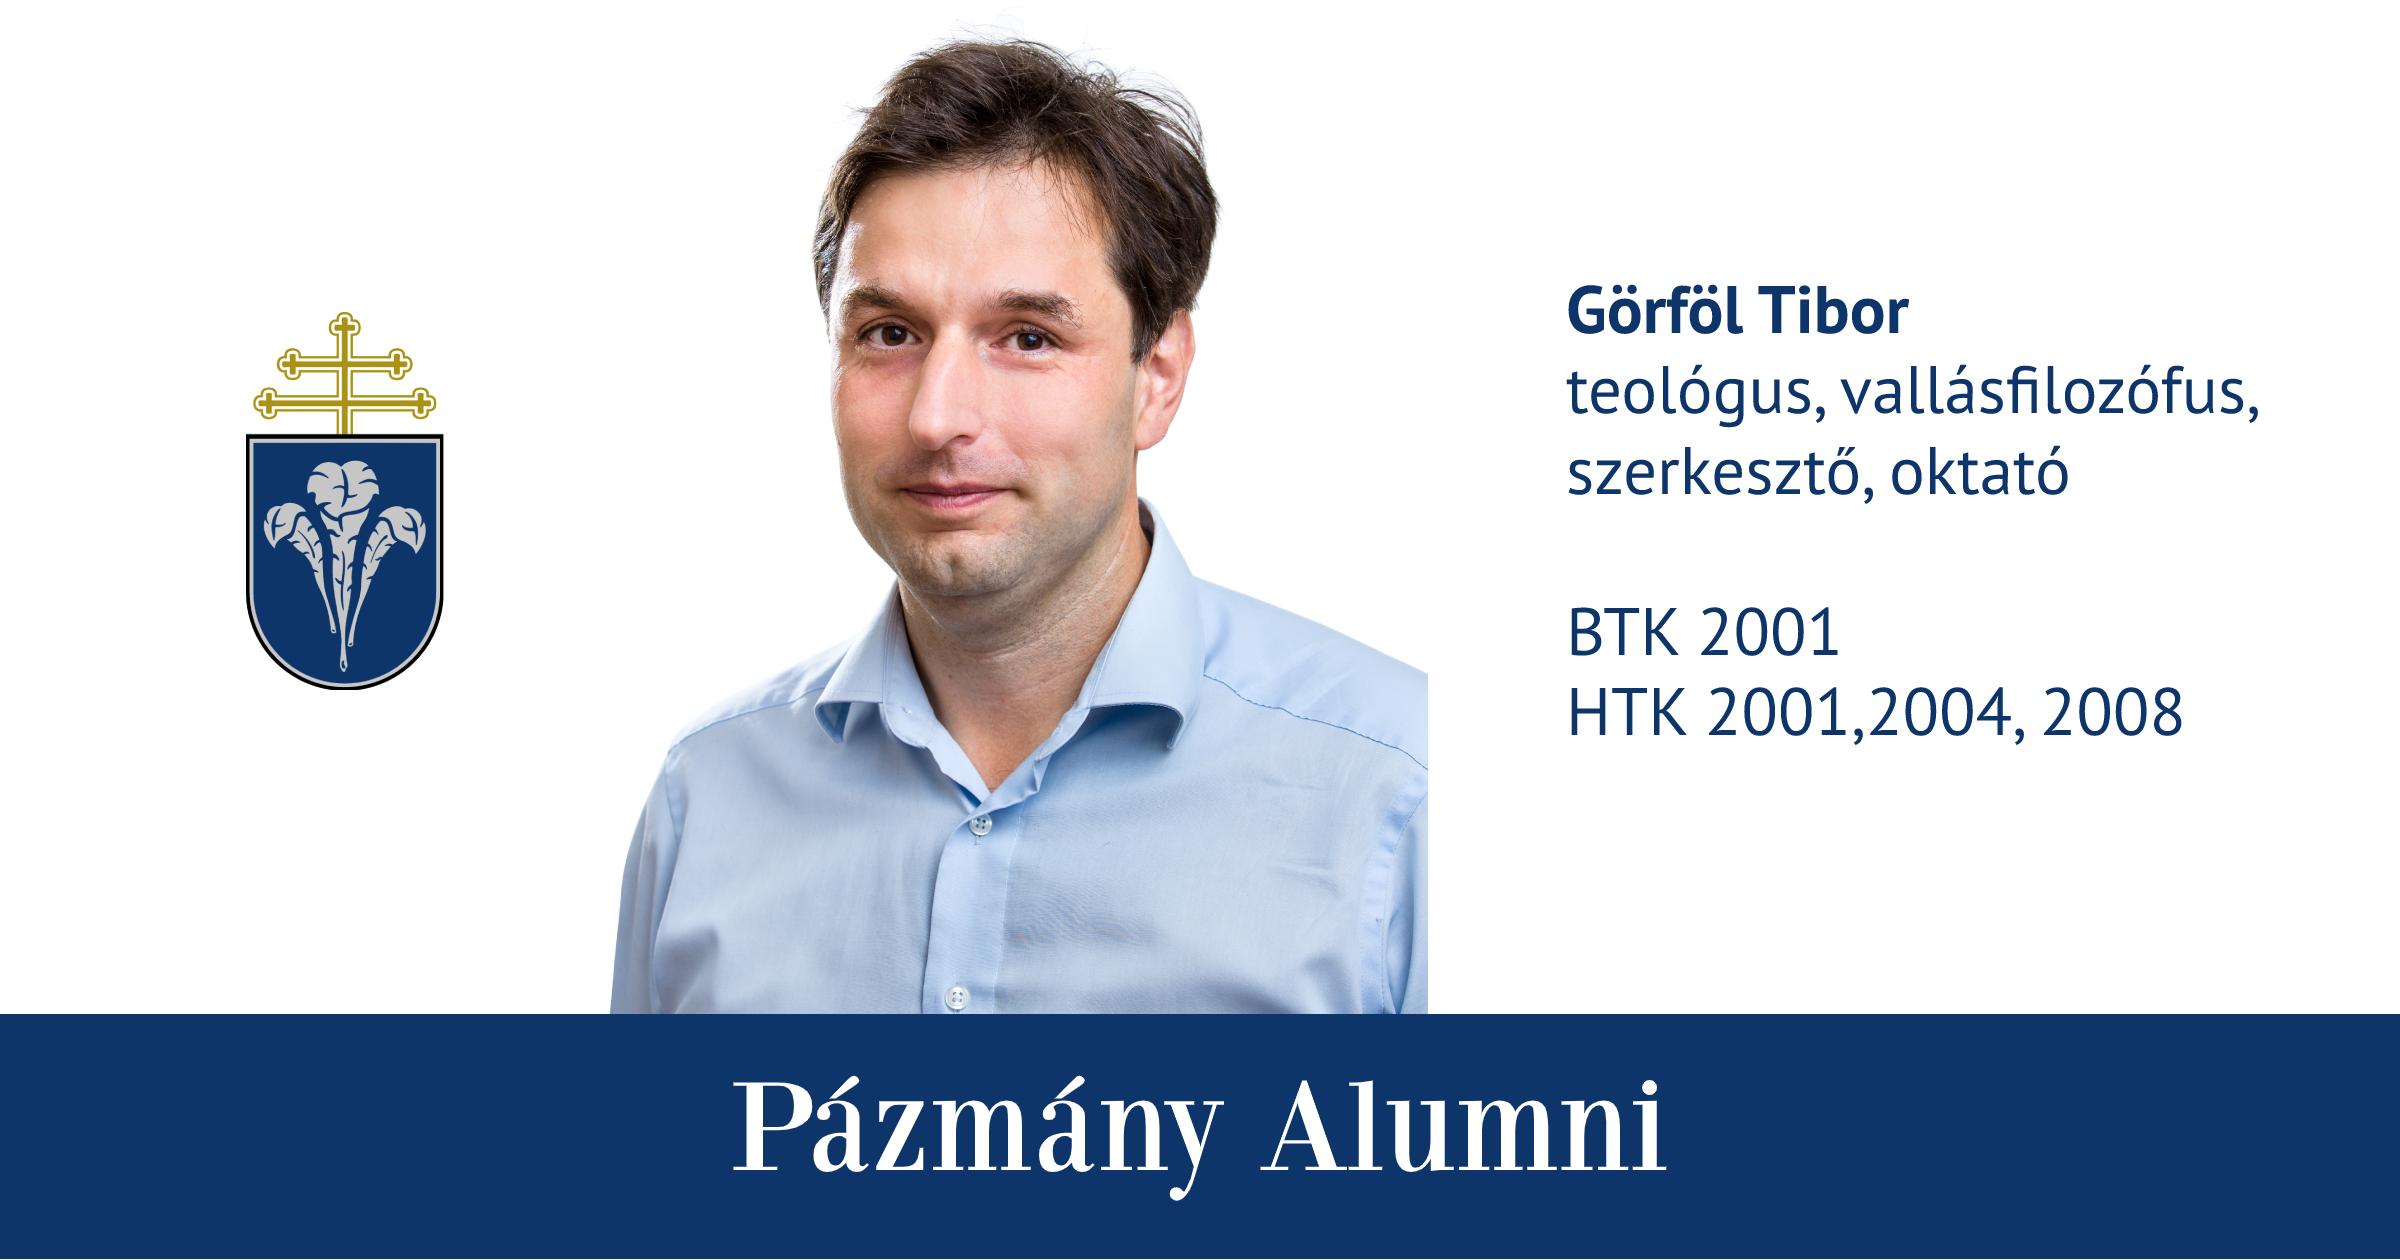 Pázmány Alumni: interjú Görföl Tiborral, a BTK és a HTK egykori hallgatójával